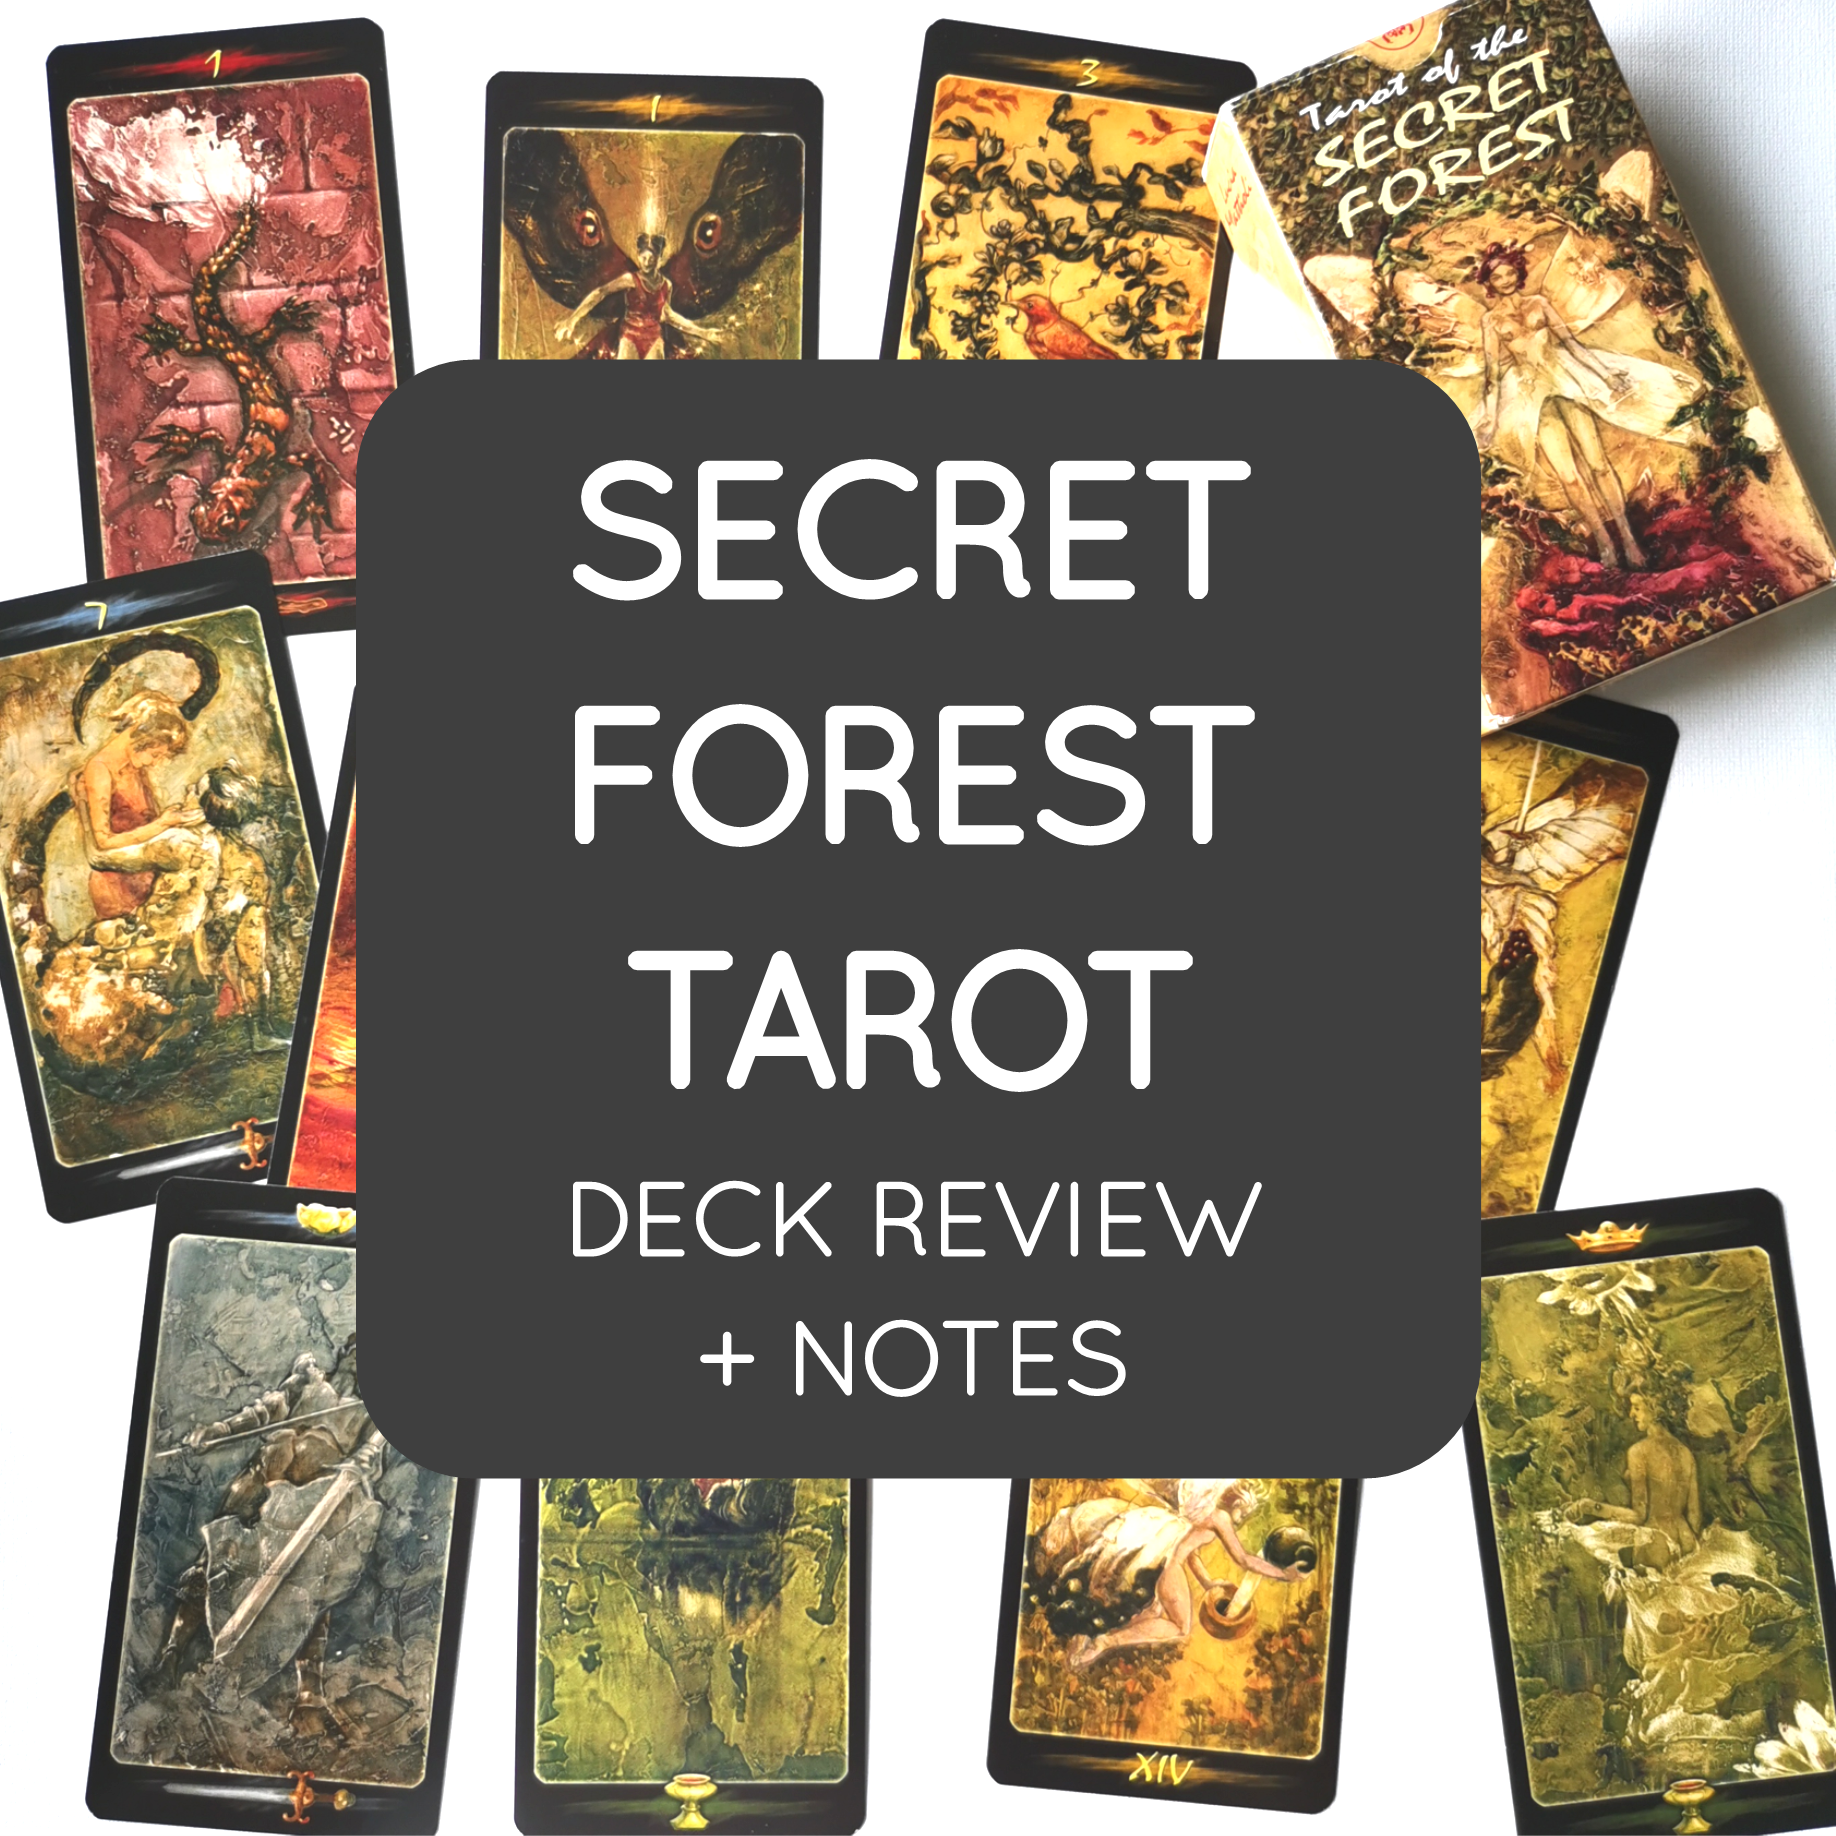 06-secret forest tarot.png